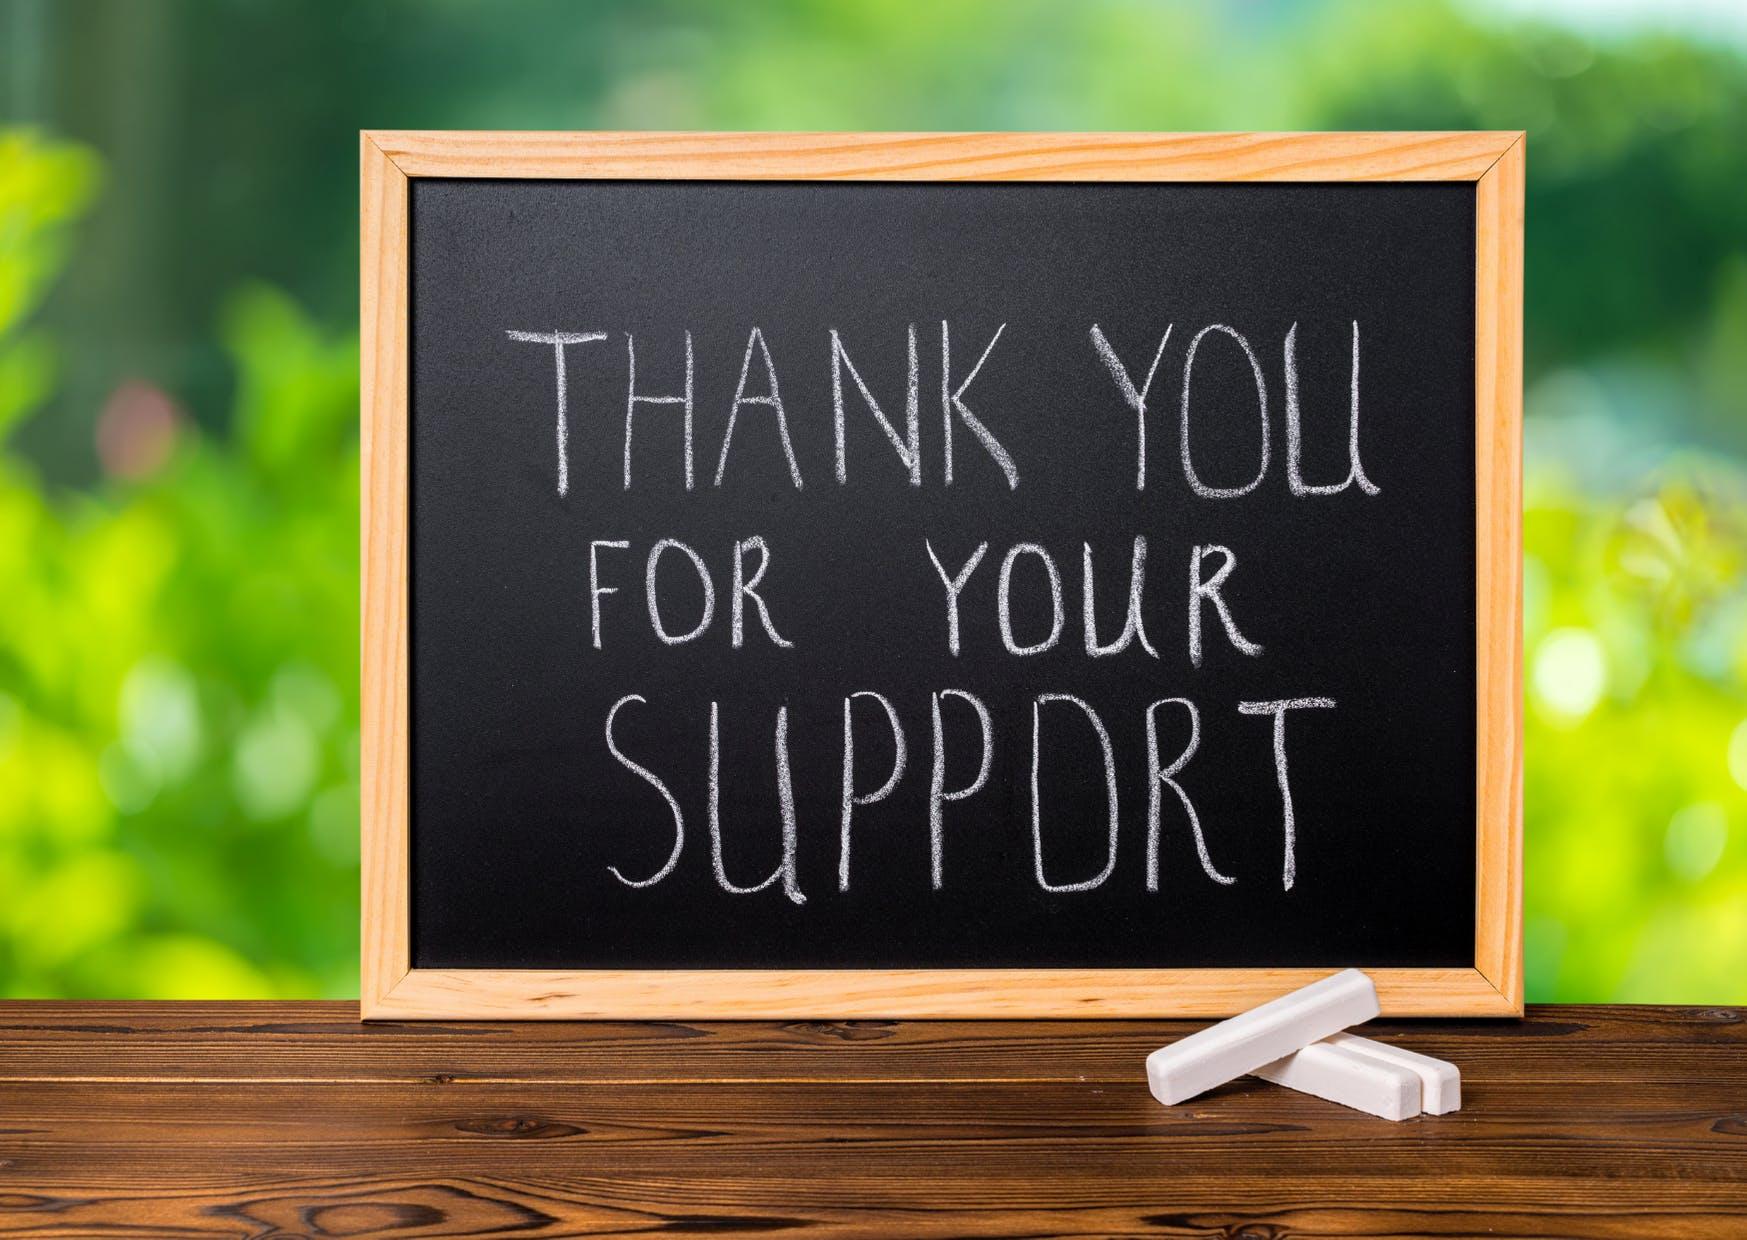 ご支援ありがとうございます